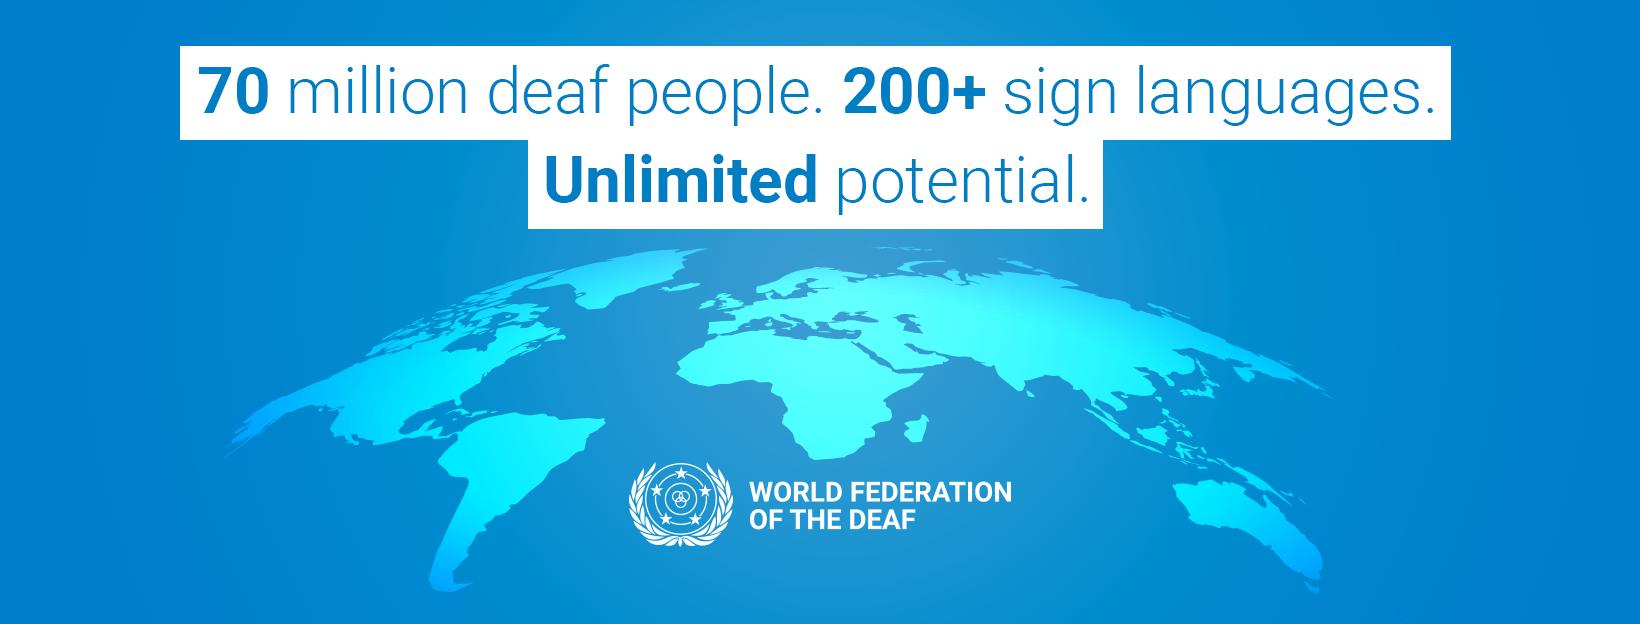 International Week of Deaf People highlights global mission field